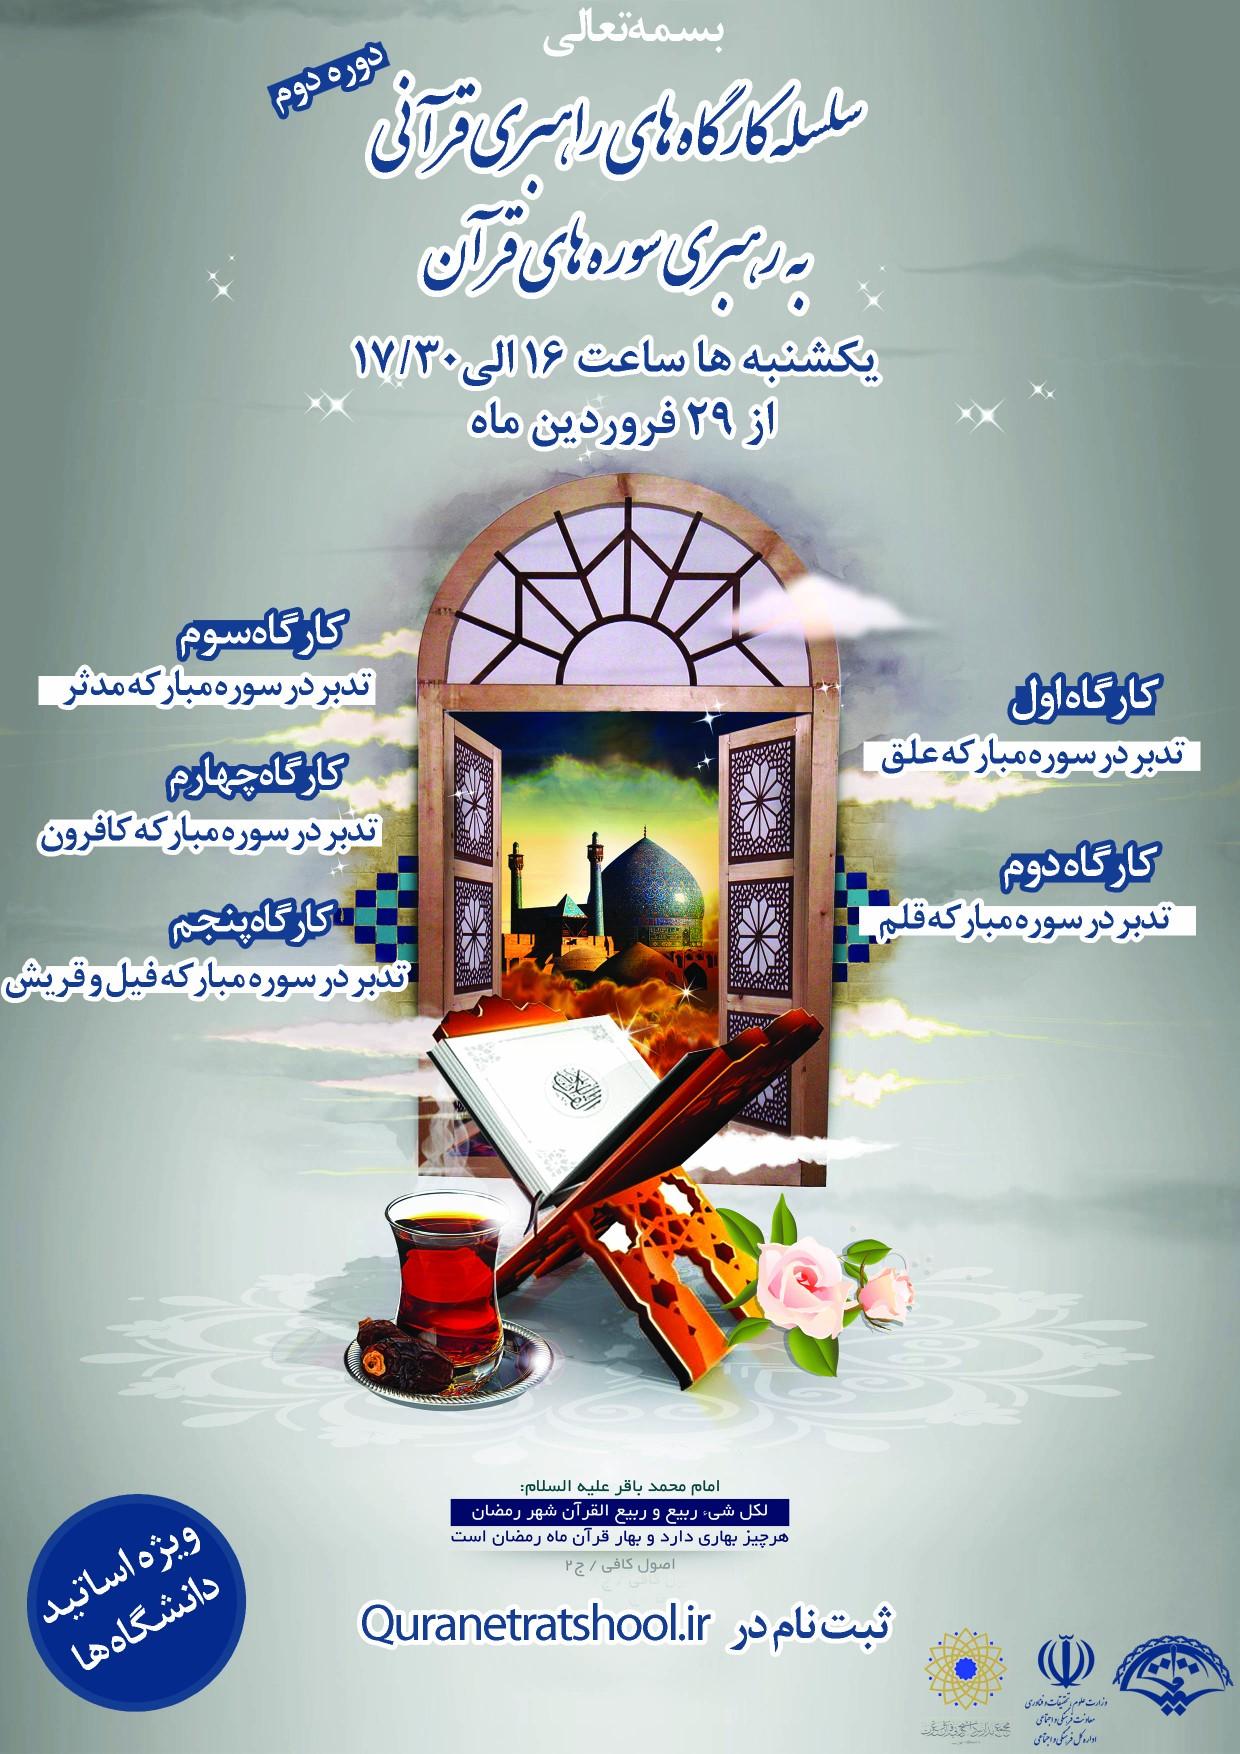 سلسله کارگاه های راهبری قرآنی ویژه (اساتید دانشگاه ها)